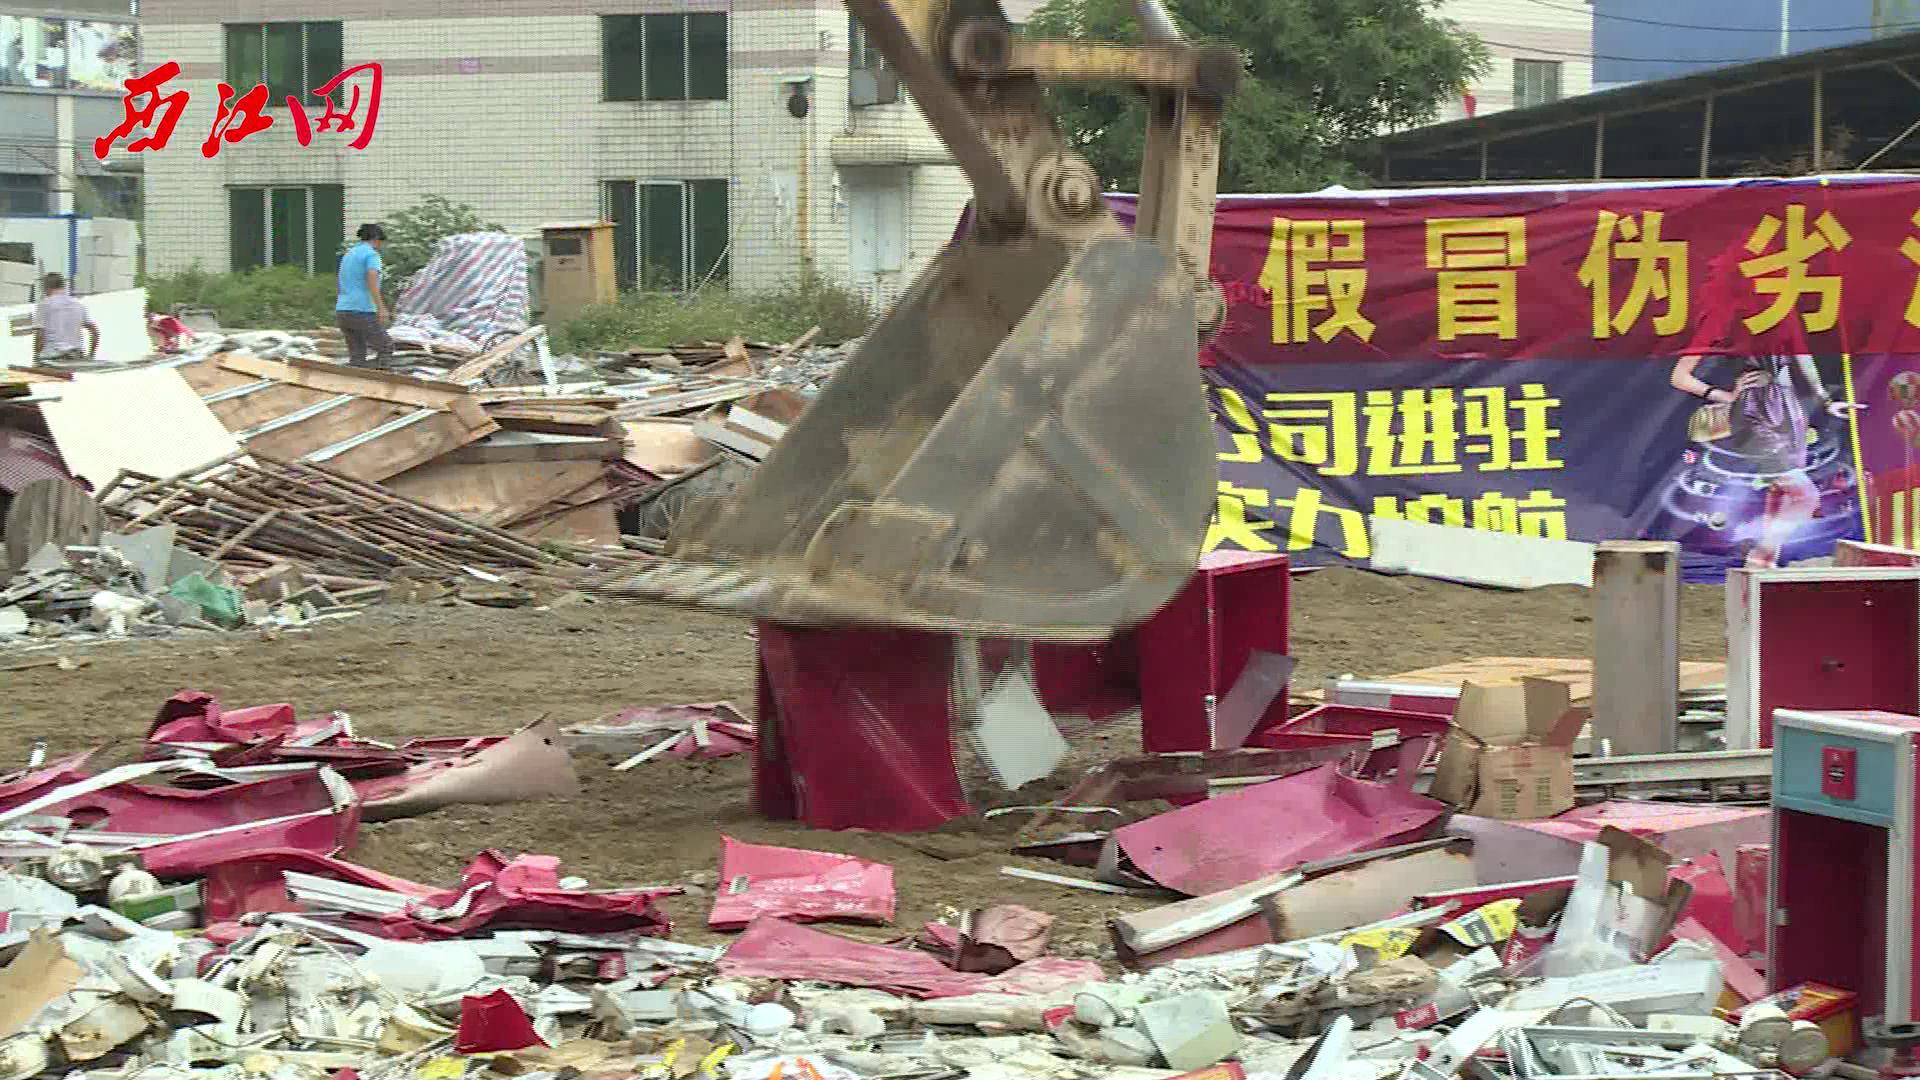 肇庆今年以来拆除更换不合格消防产品3201件 集中销毁假冒伪劣产品200件